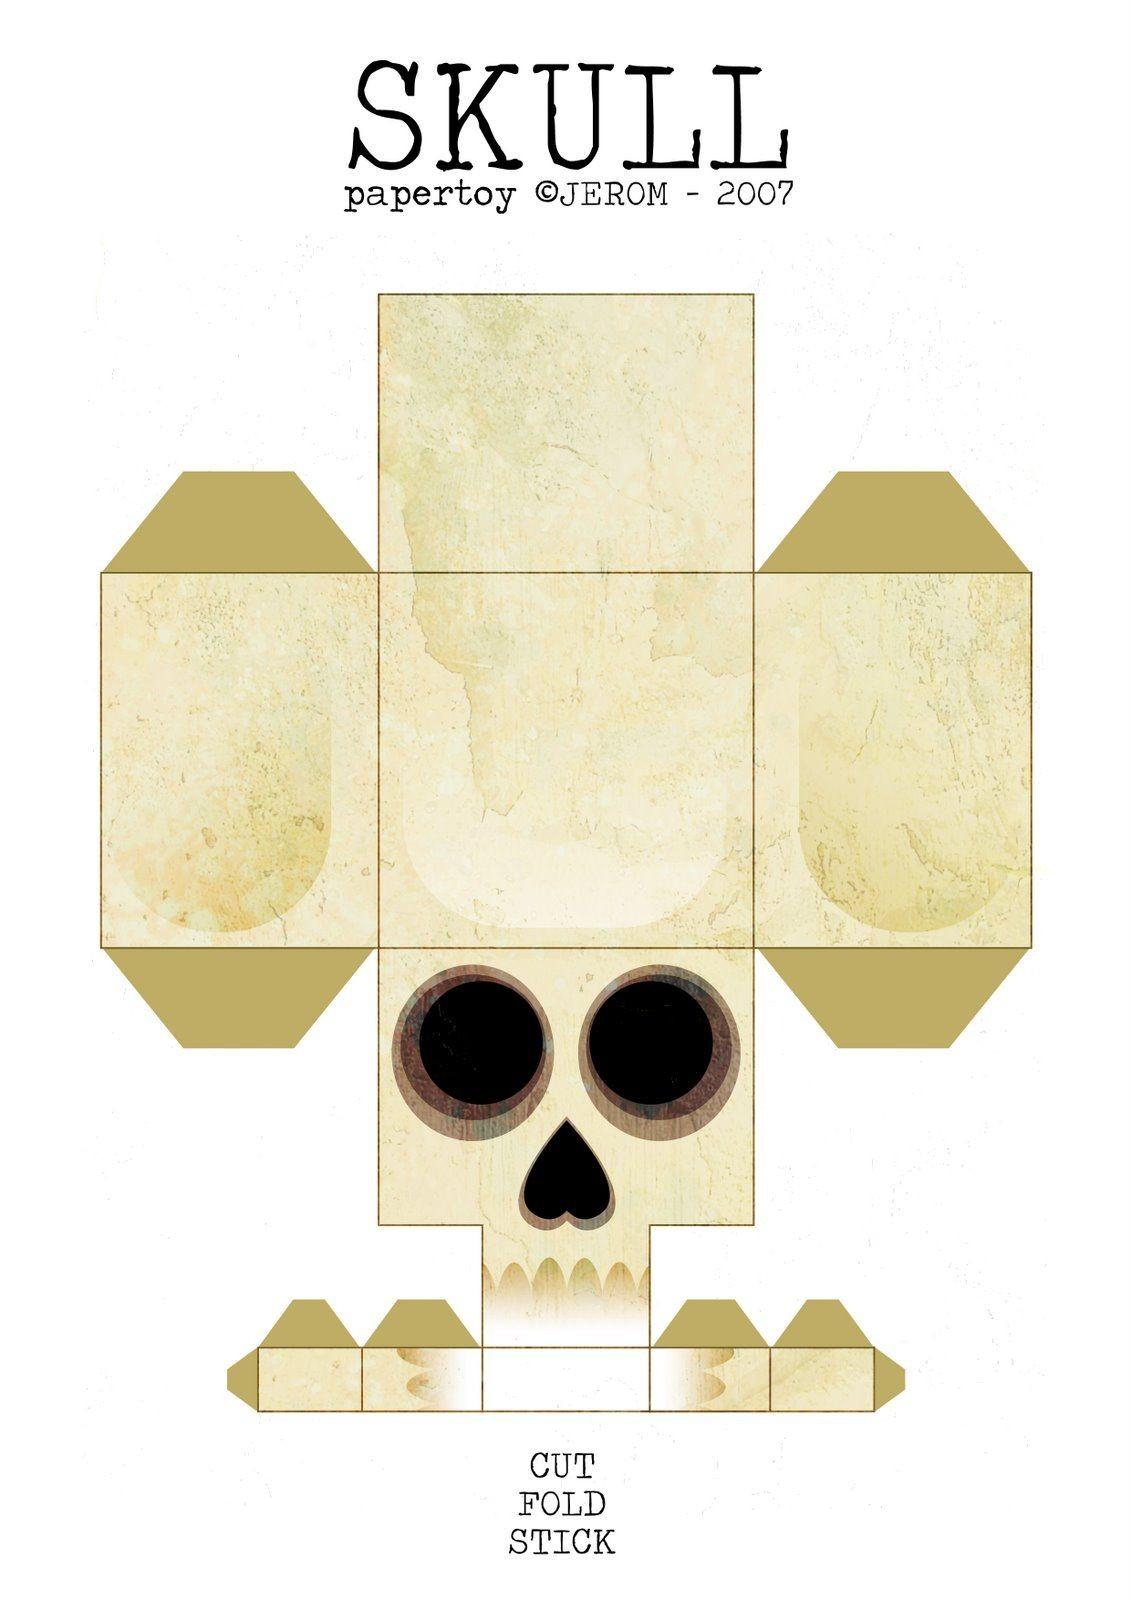 Halloween Papercraft Jb8ha9cuj44 Tnzz01g0xvi Aaaaaaaaaws 7nkxxe